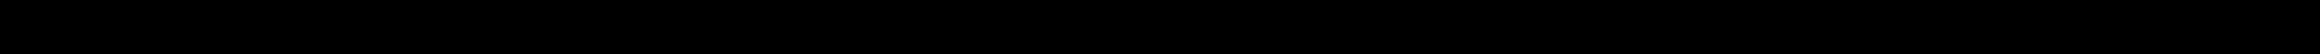 RIDEX BOC1093002059, 3707010-02, 17 01 2600F3004, 19 01 0600F6001, 3707010-01 Zapalovací svíčka